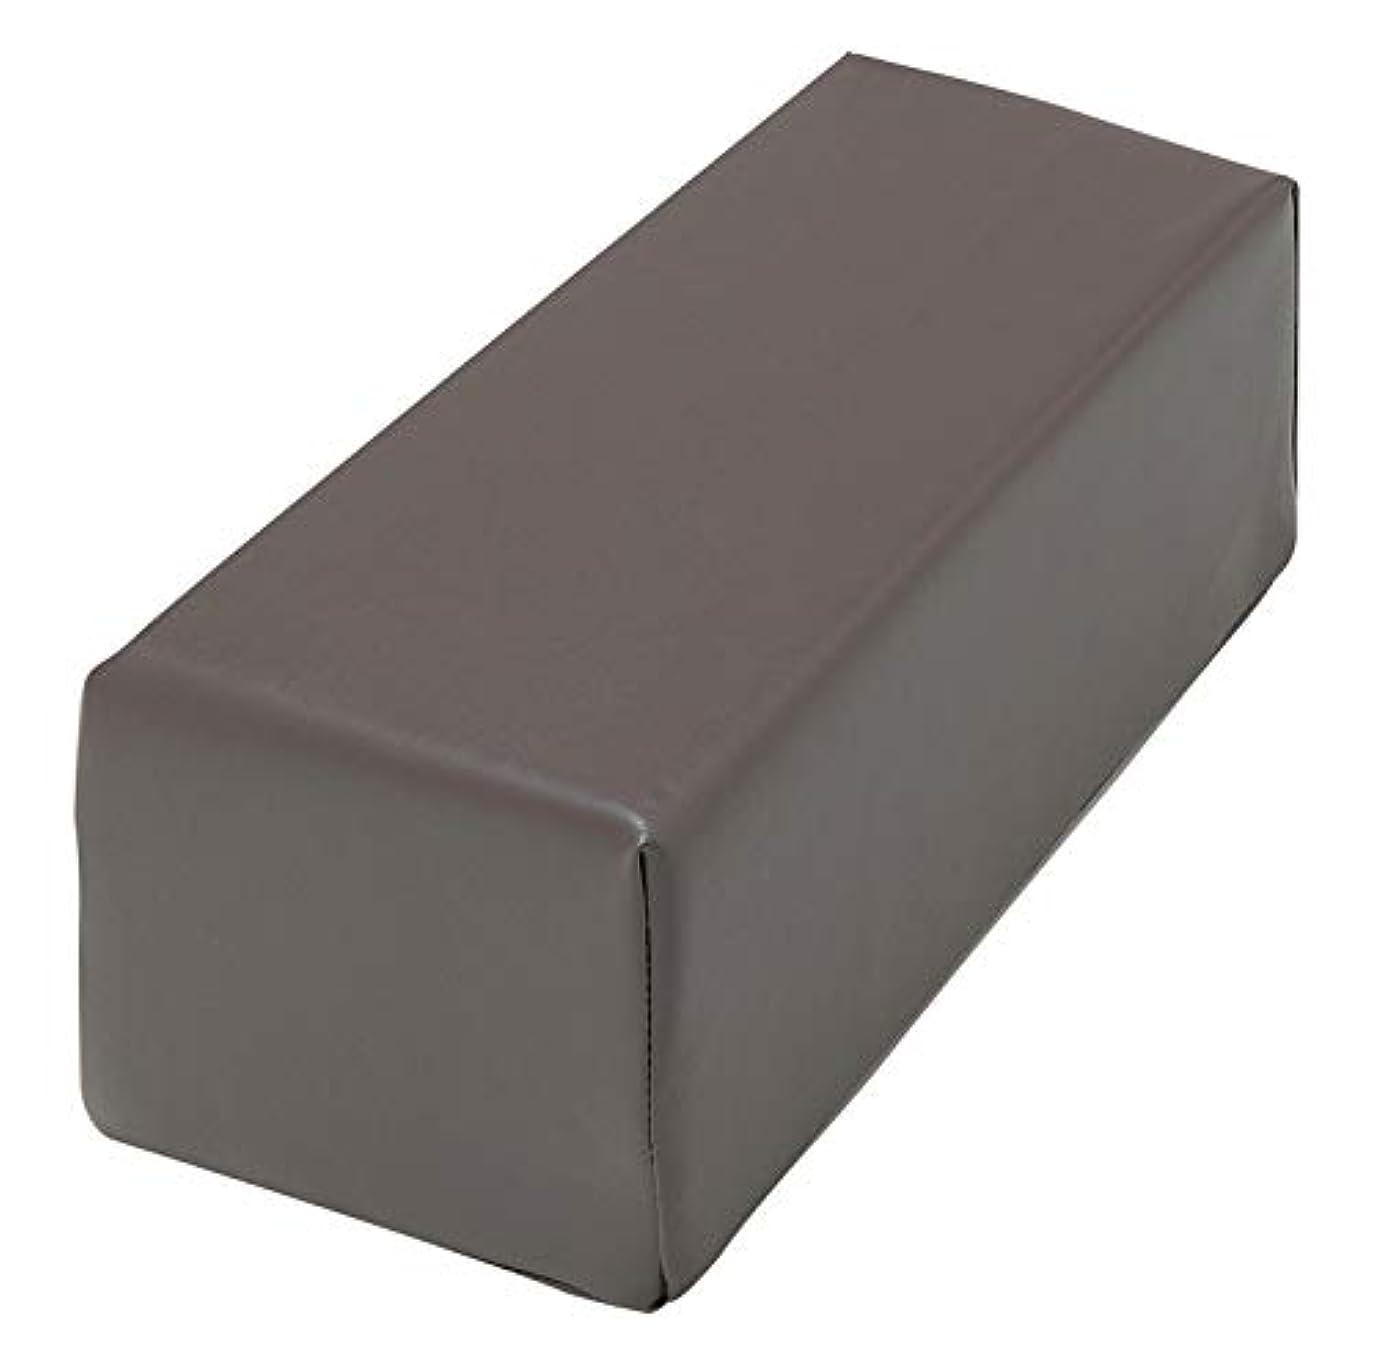 キャンペーン思いやりのある繰り返し角枕 FV-908 (ブラウン) フェイスまくら フェイス枕 うつぶせ枕 マッサージ枕